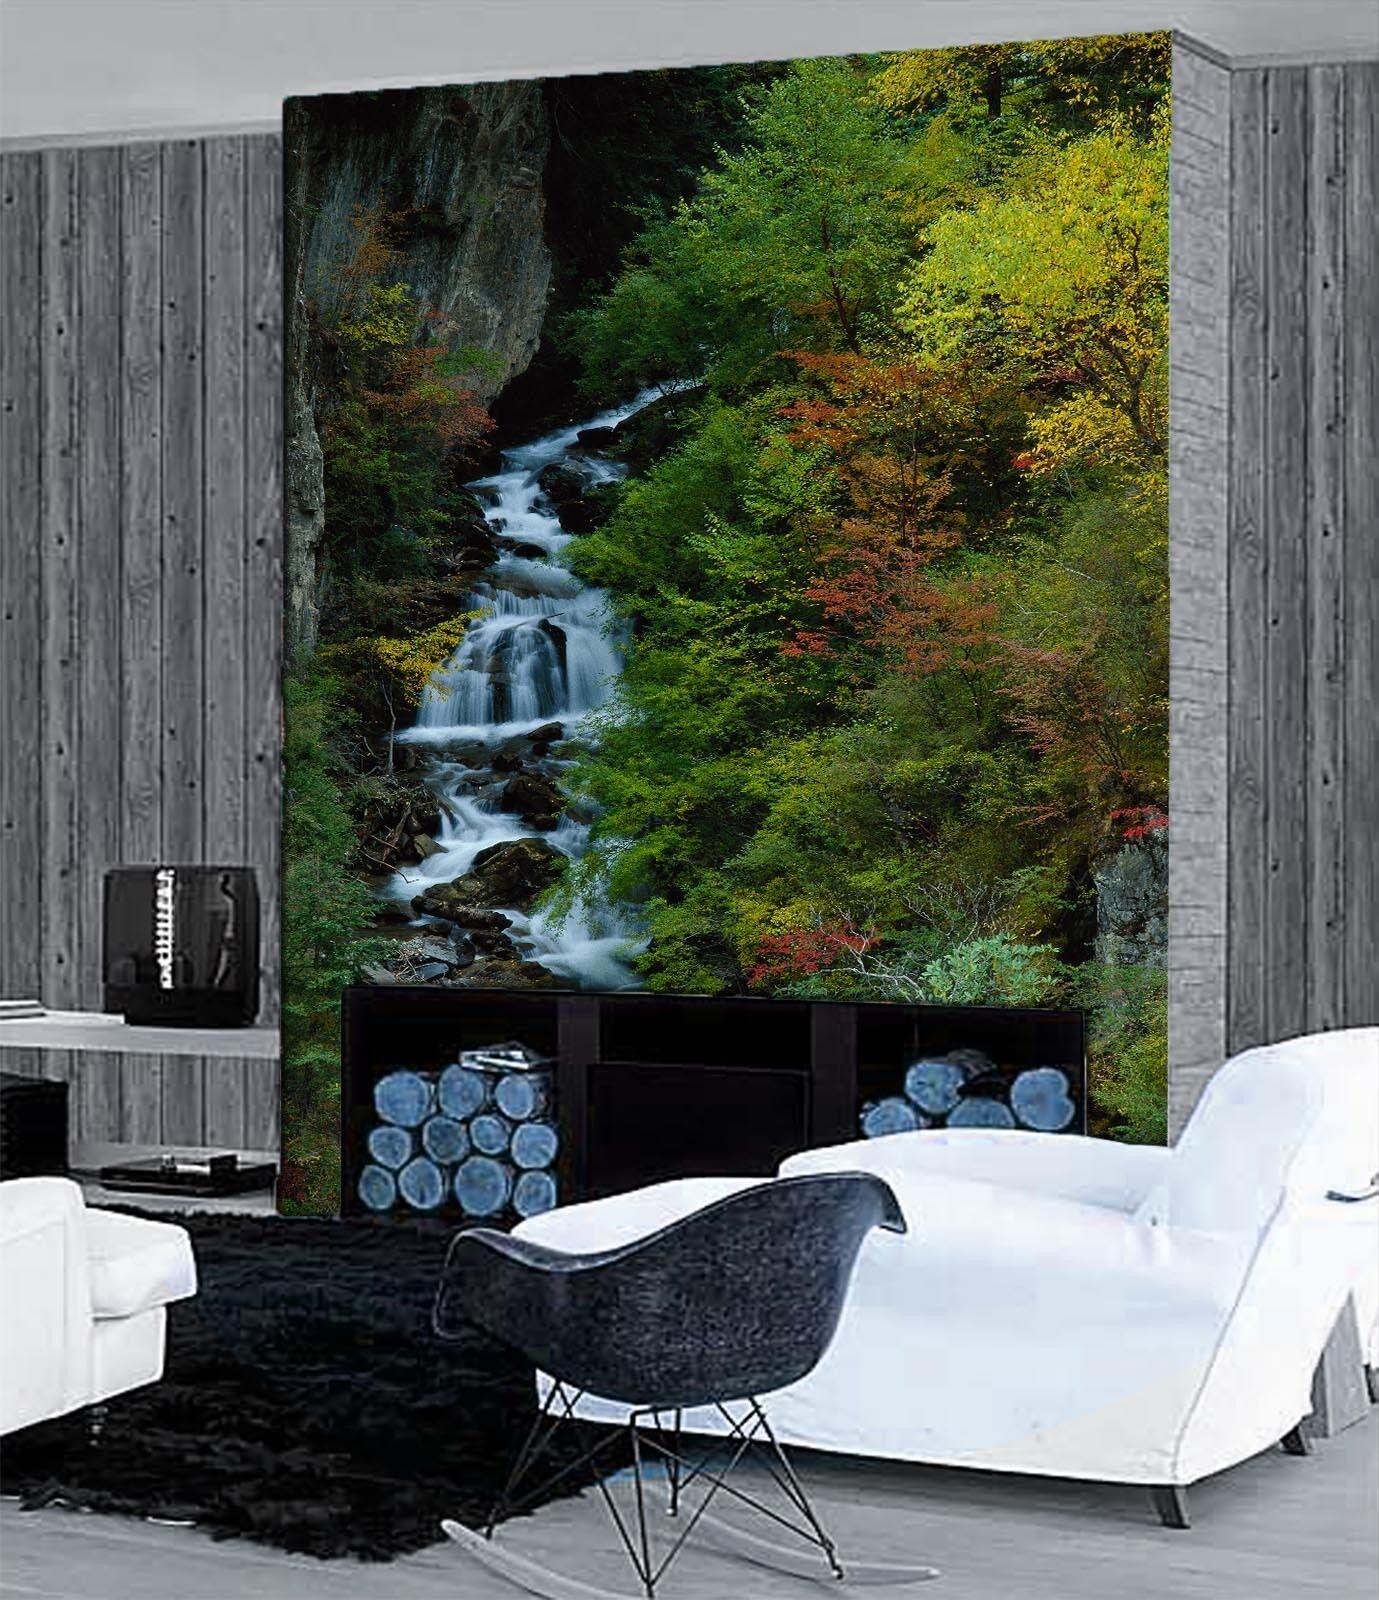 3D Legno Ruscello Parete Murale Foto Carta da parati immagine sfondo muro stampa